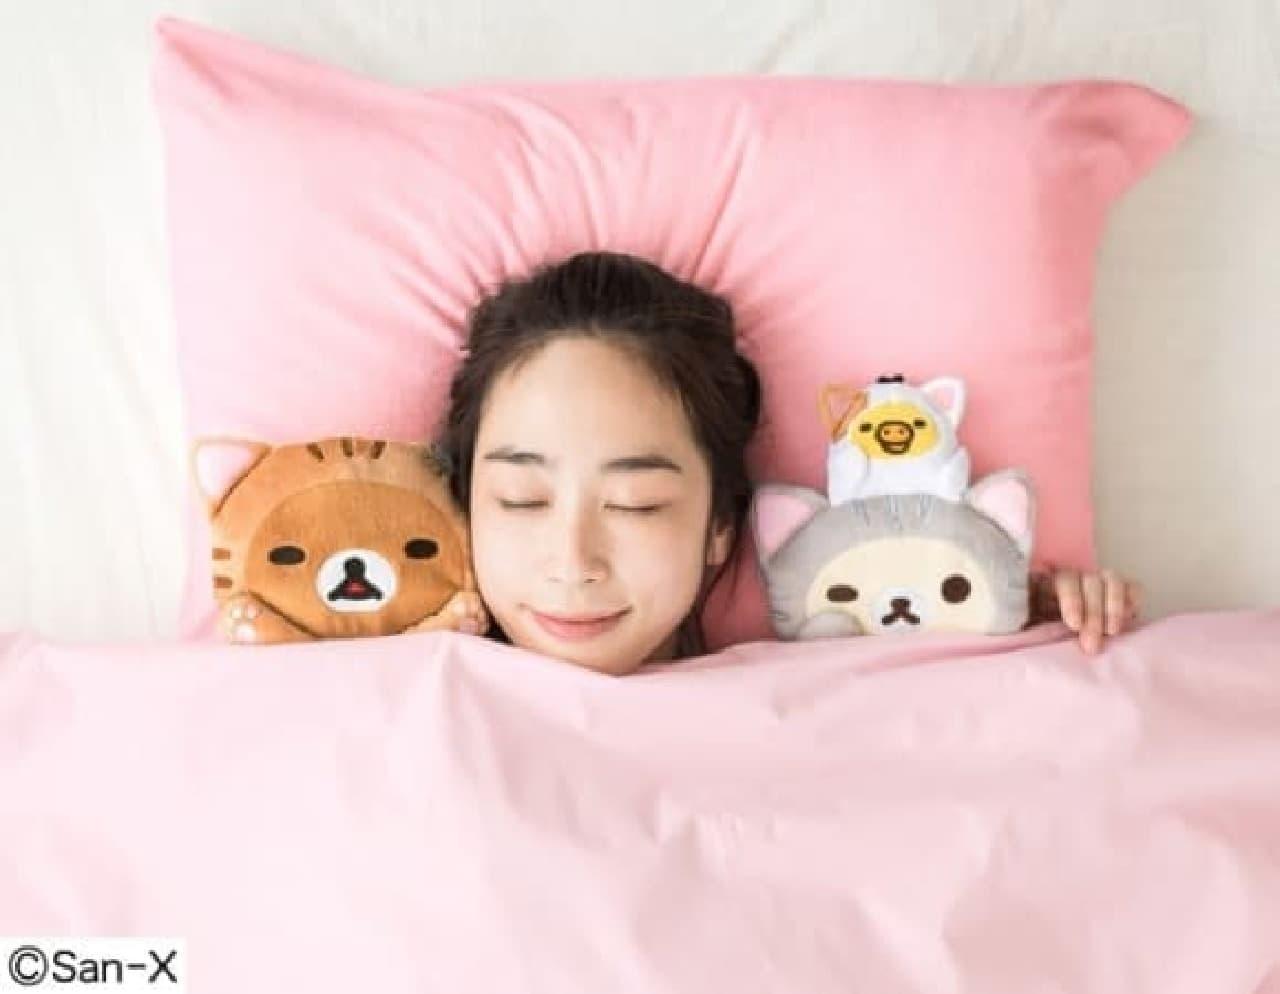 猫部meetsリラックマ 枕カバー付き 至福の添い寝ぬいぐるみセット